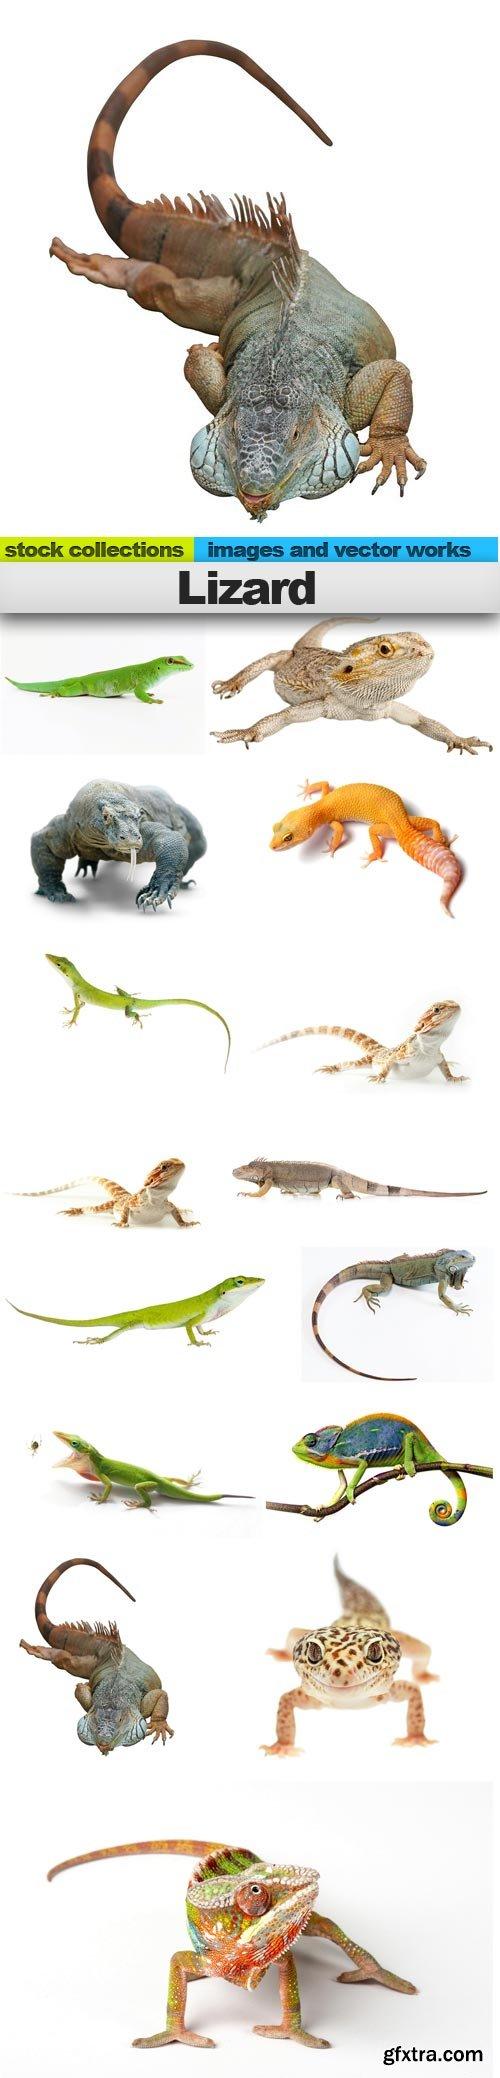 Lizard, 15 x UHQ JPEG